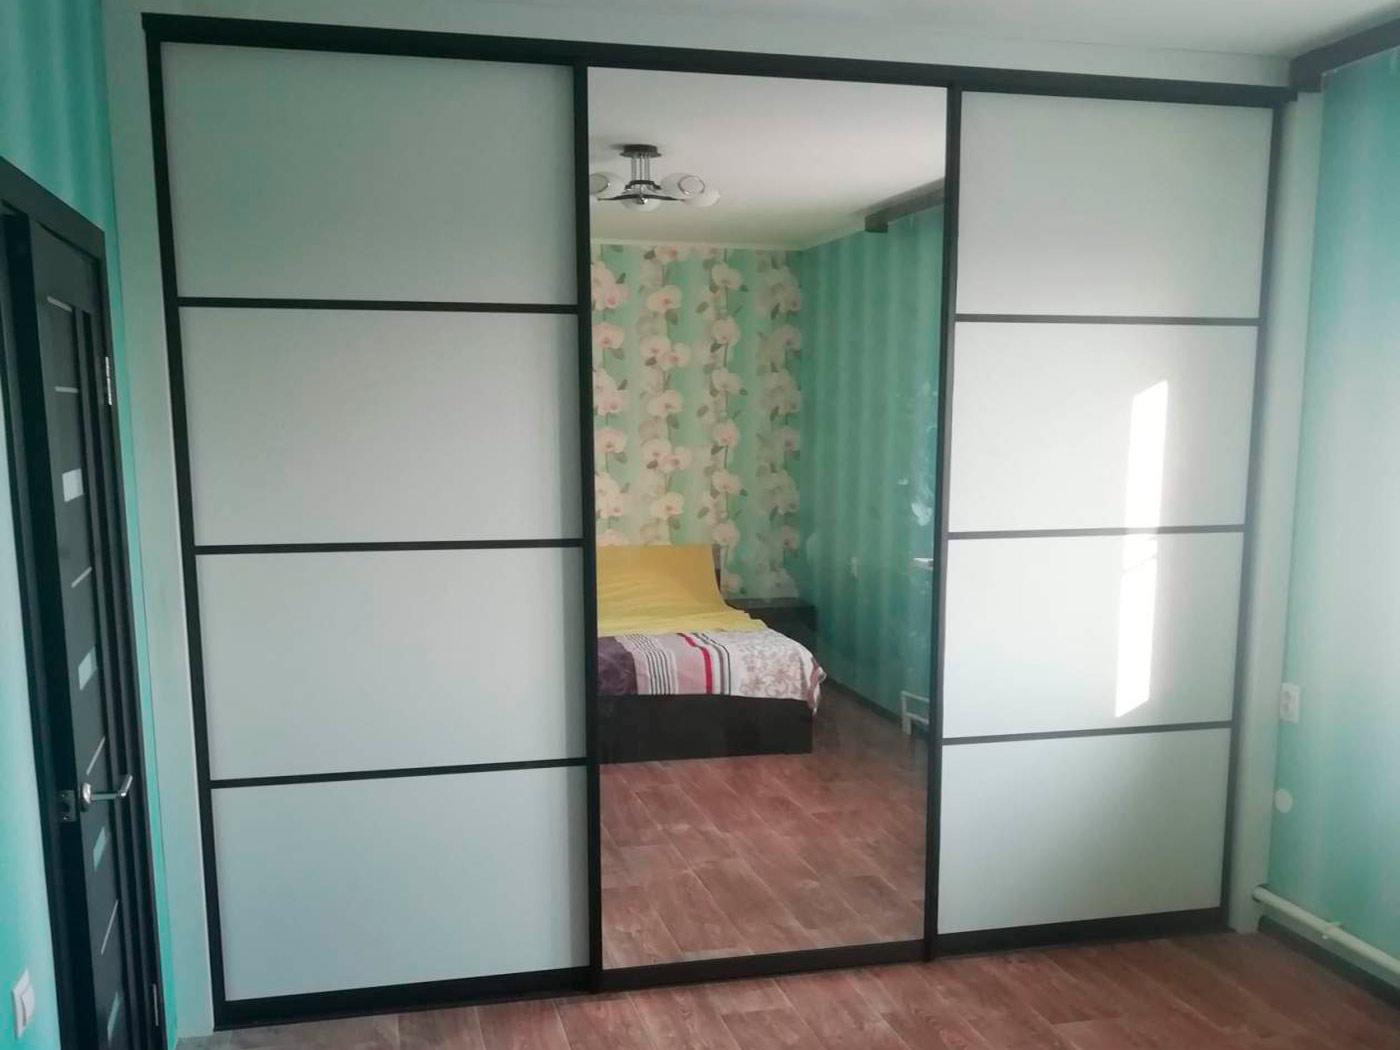 Встроенная гардеробная из ЛДСП вдоль стены комнаты